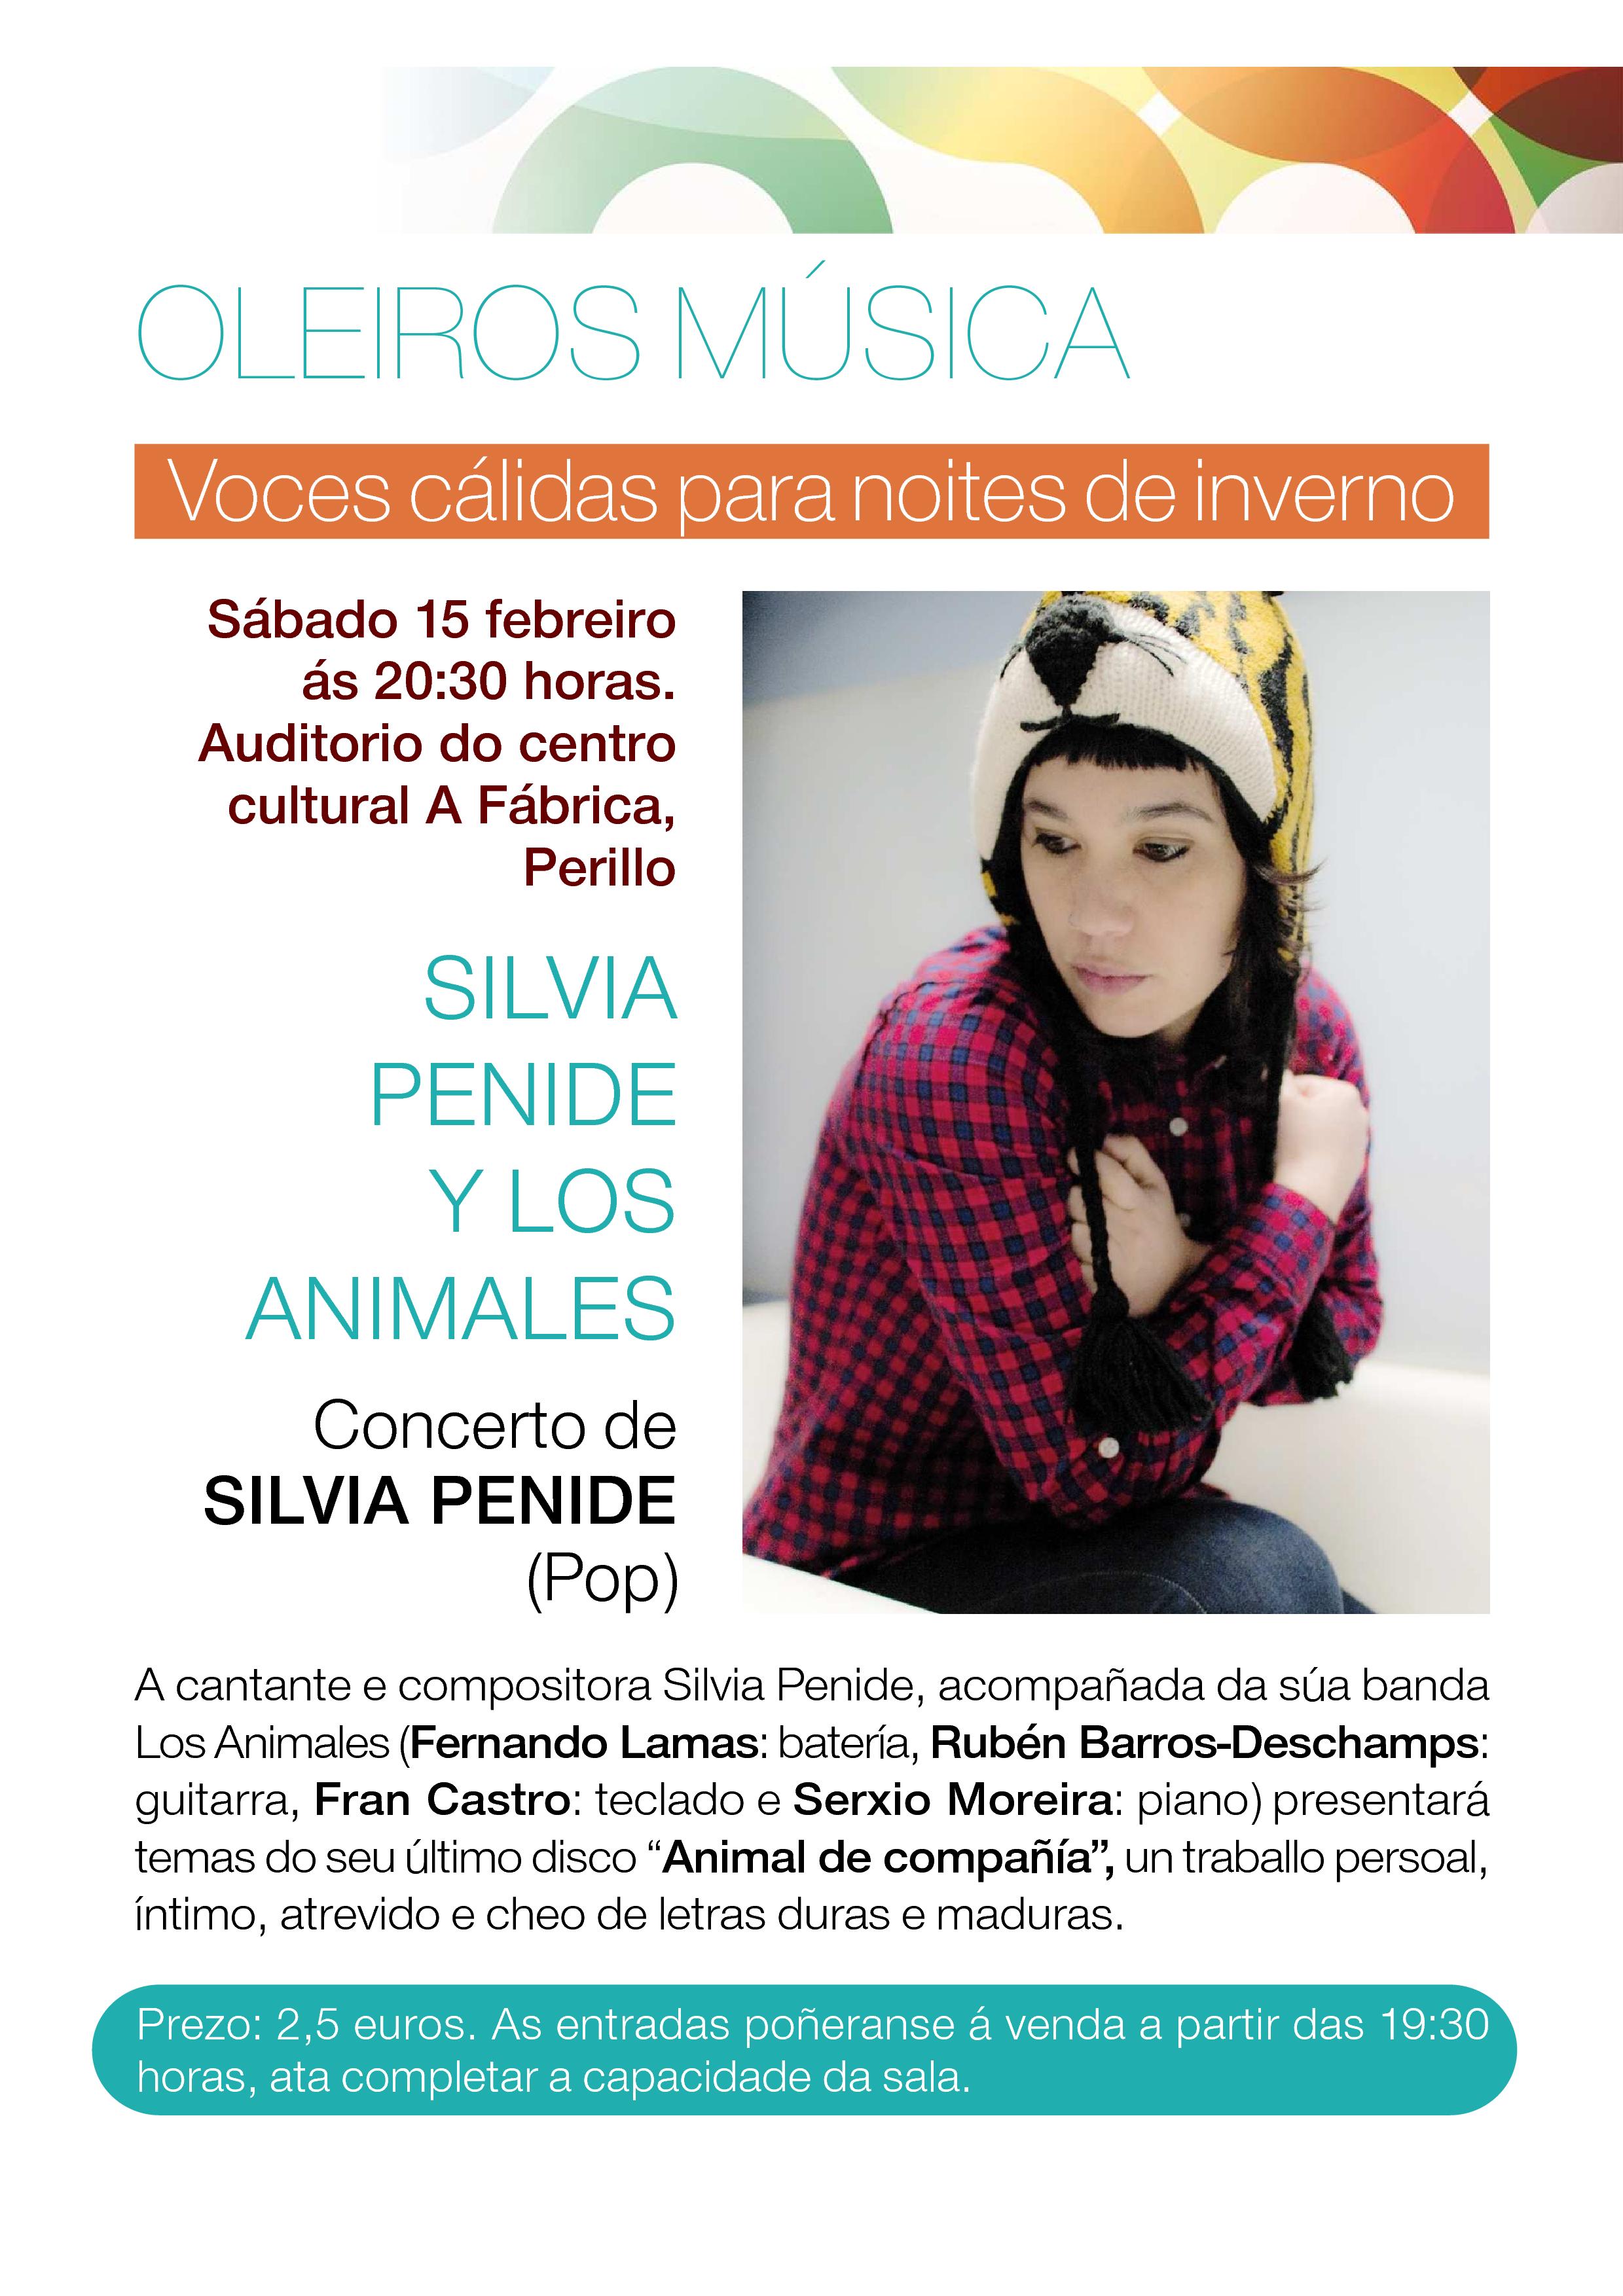 Silvia Penide en concierto